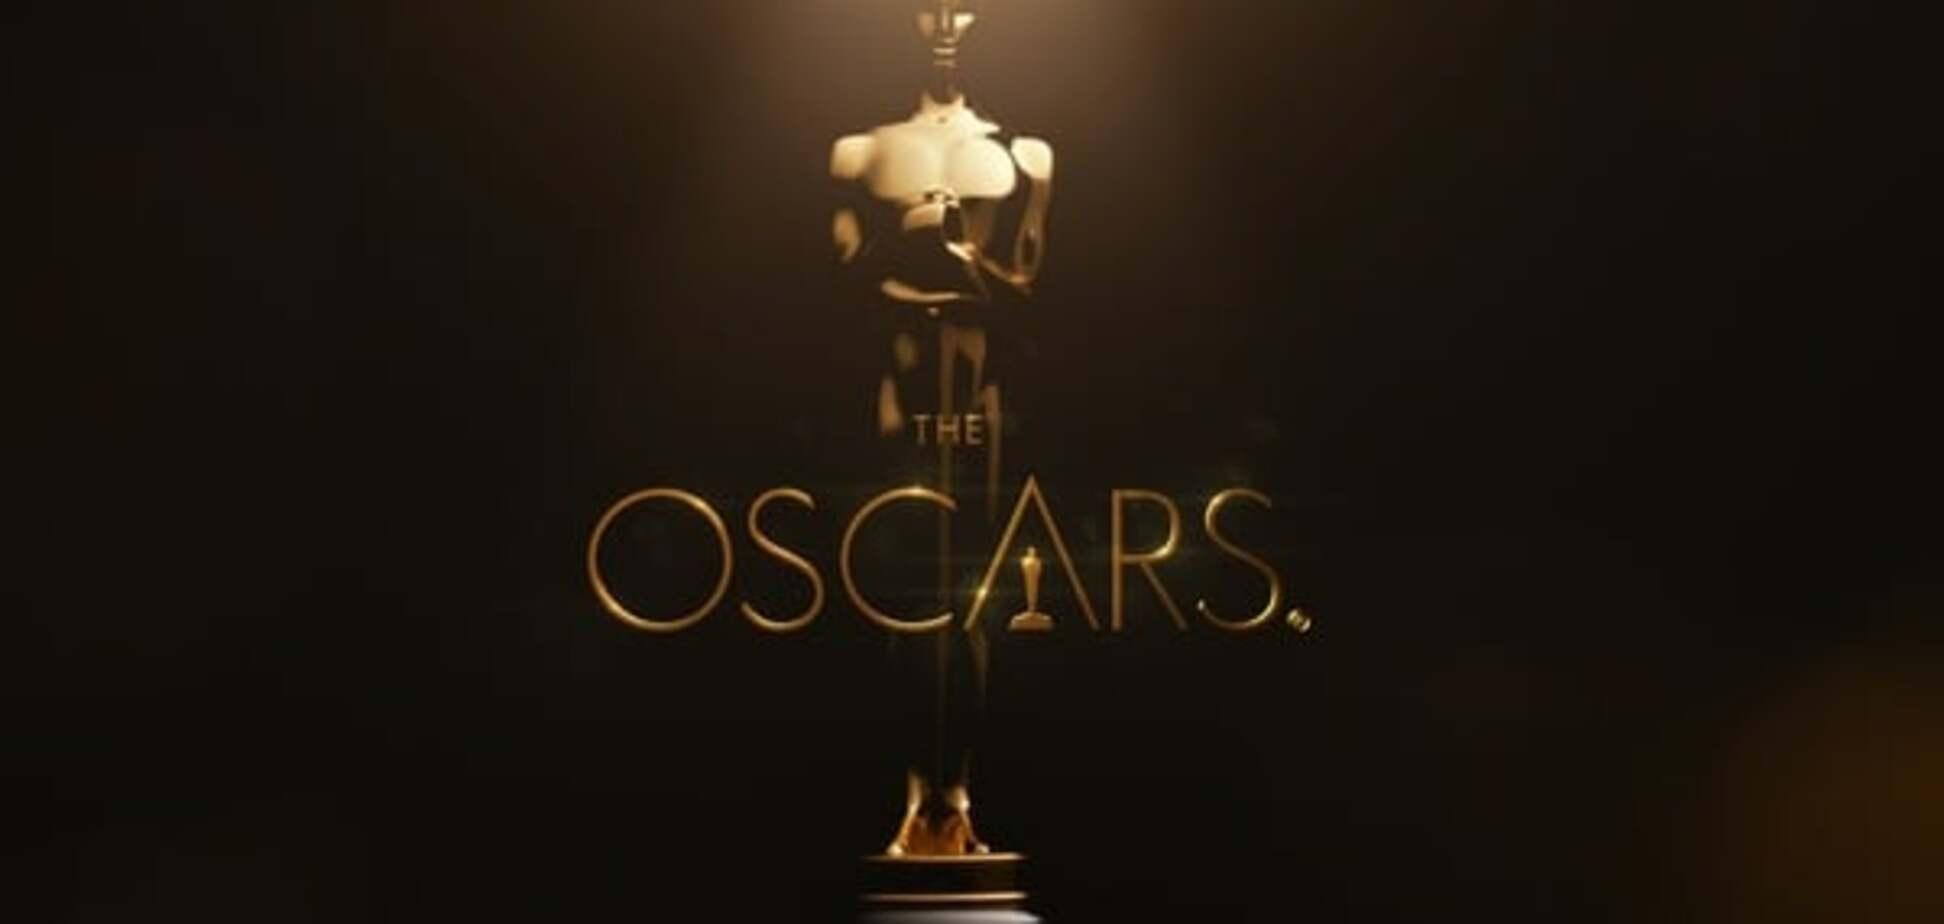 Тест для кіноманів: відгадайте лауреата премії 'Оскар'